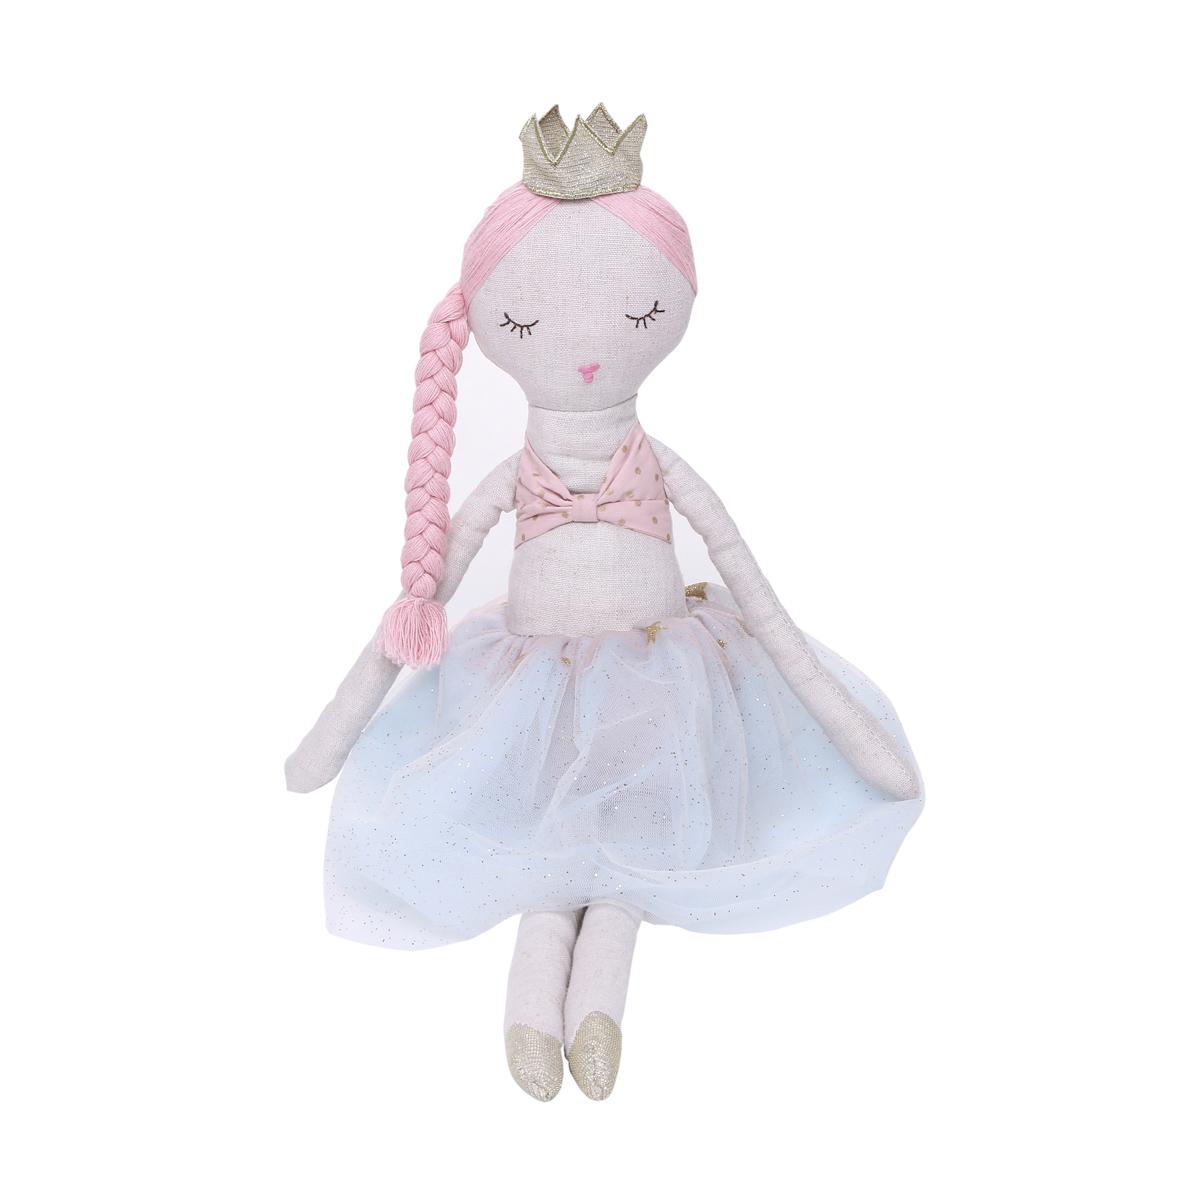 Boneca Sam & Peas Princess Leah